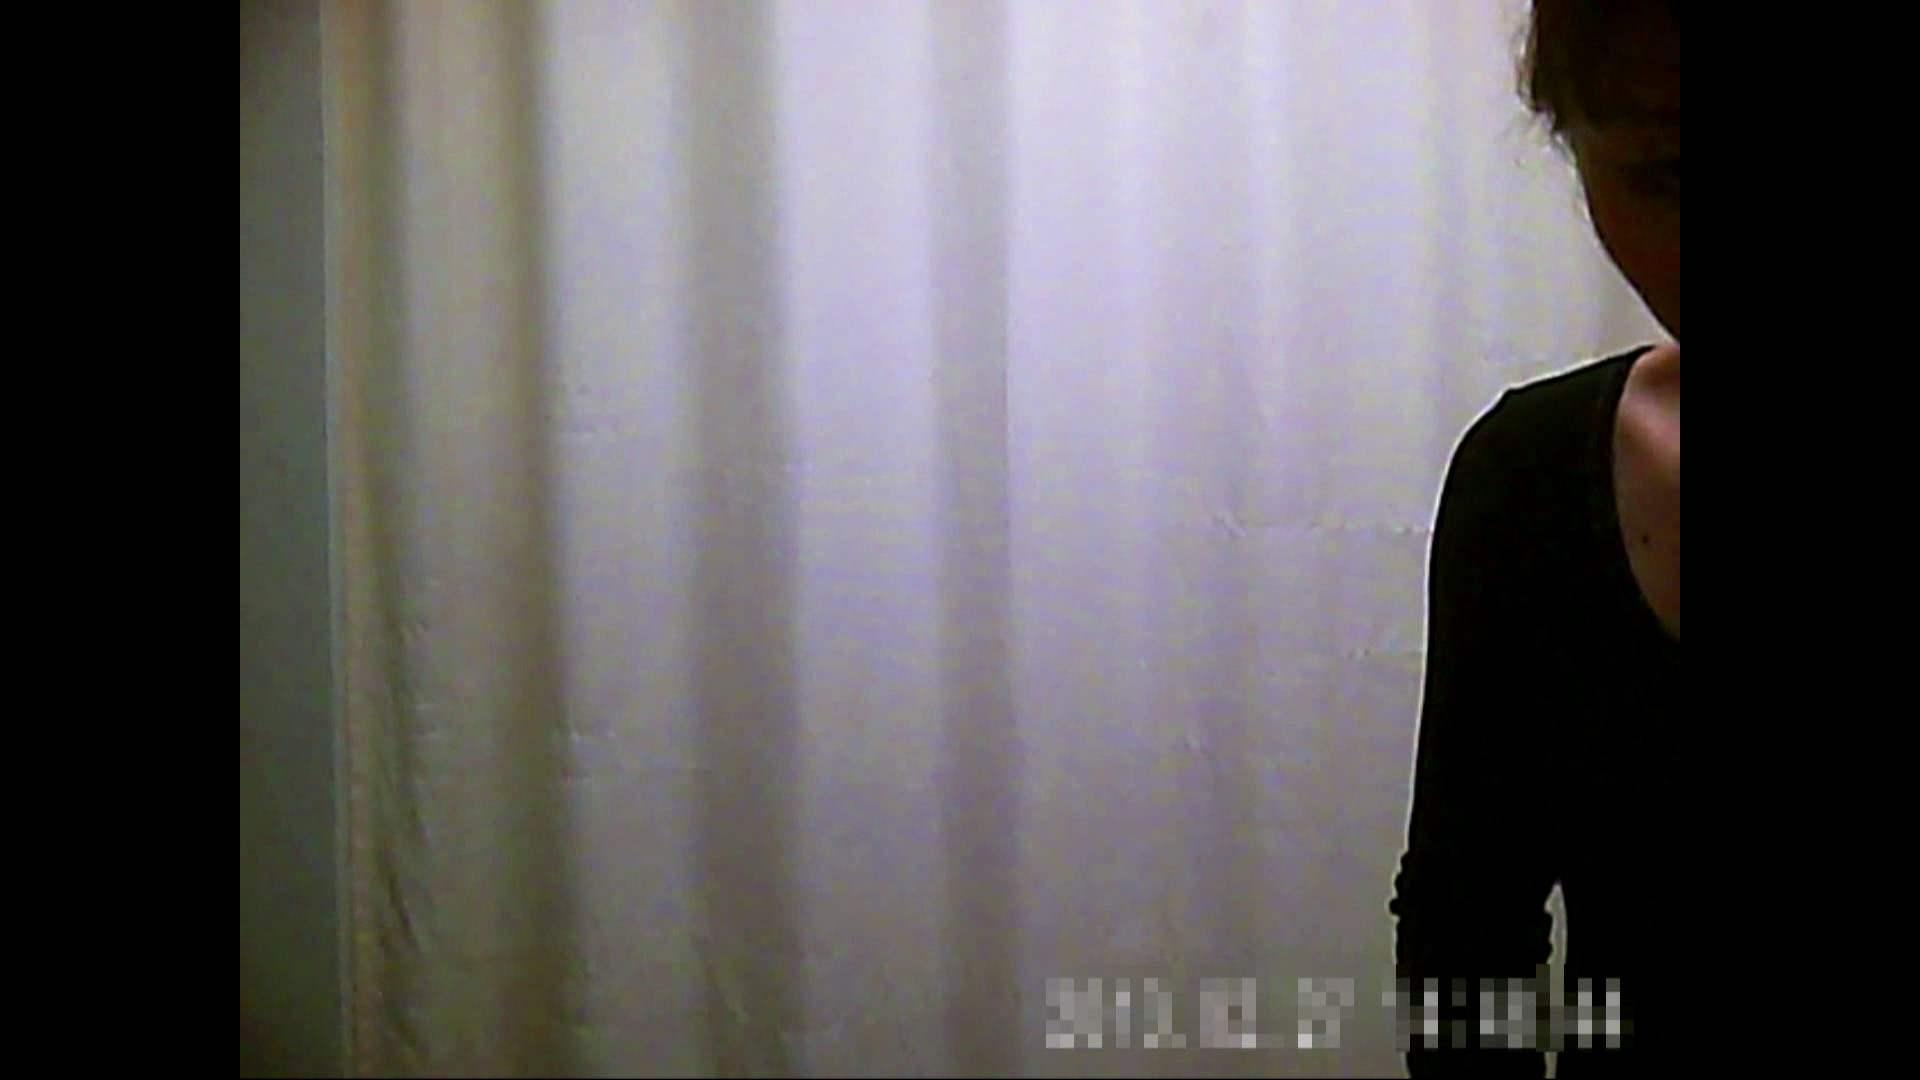 病院おもいっきり着替え! vol.192 巨乳 おまんこ無修正動画無料 93pic 68